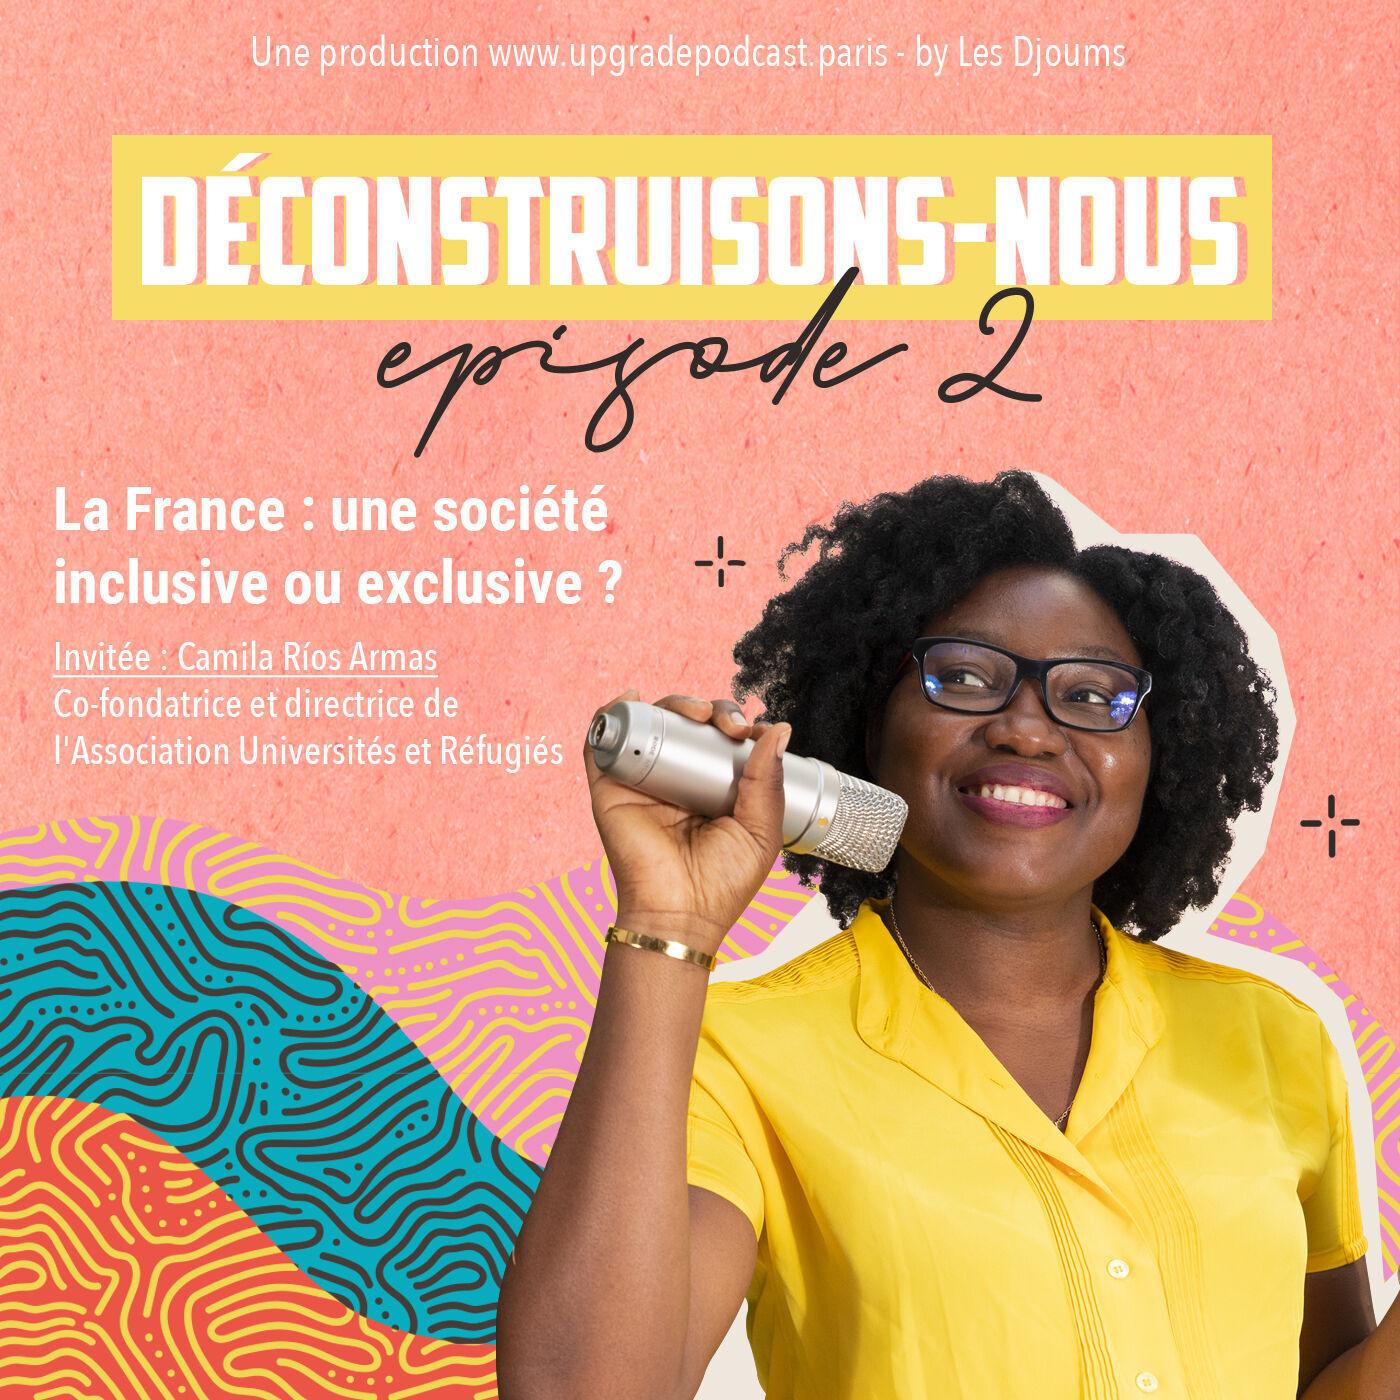 Episode 2: La France: une société inclusive ou exclusive